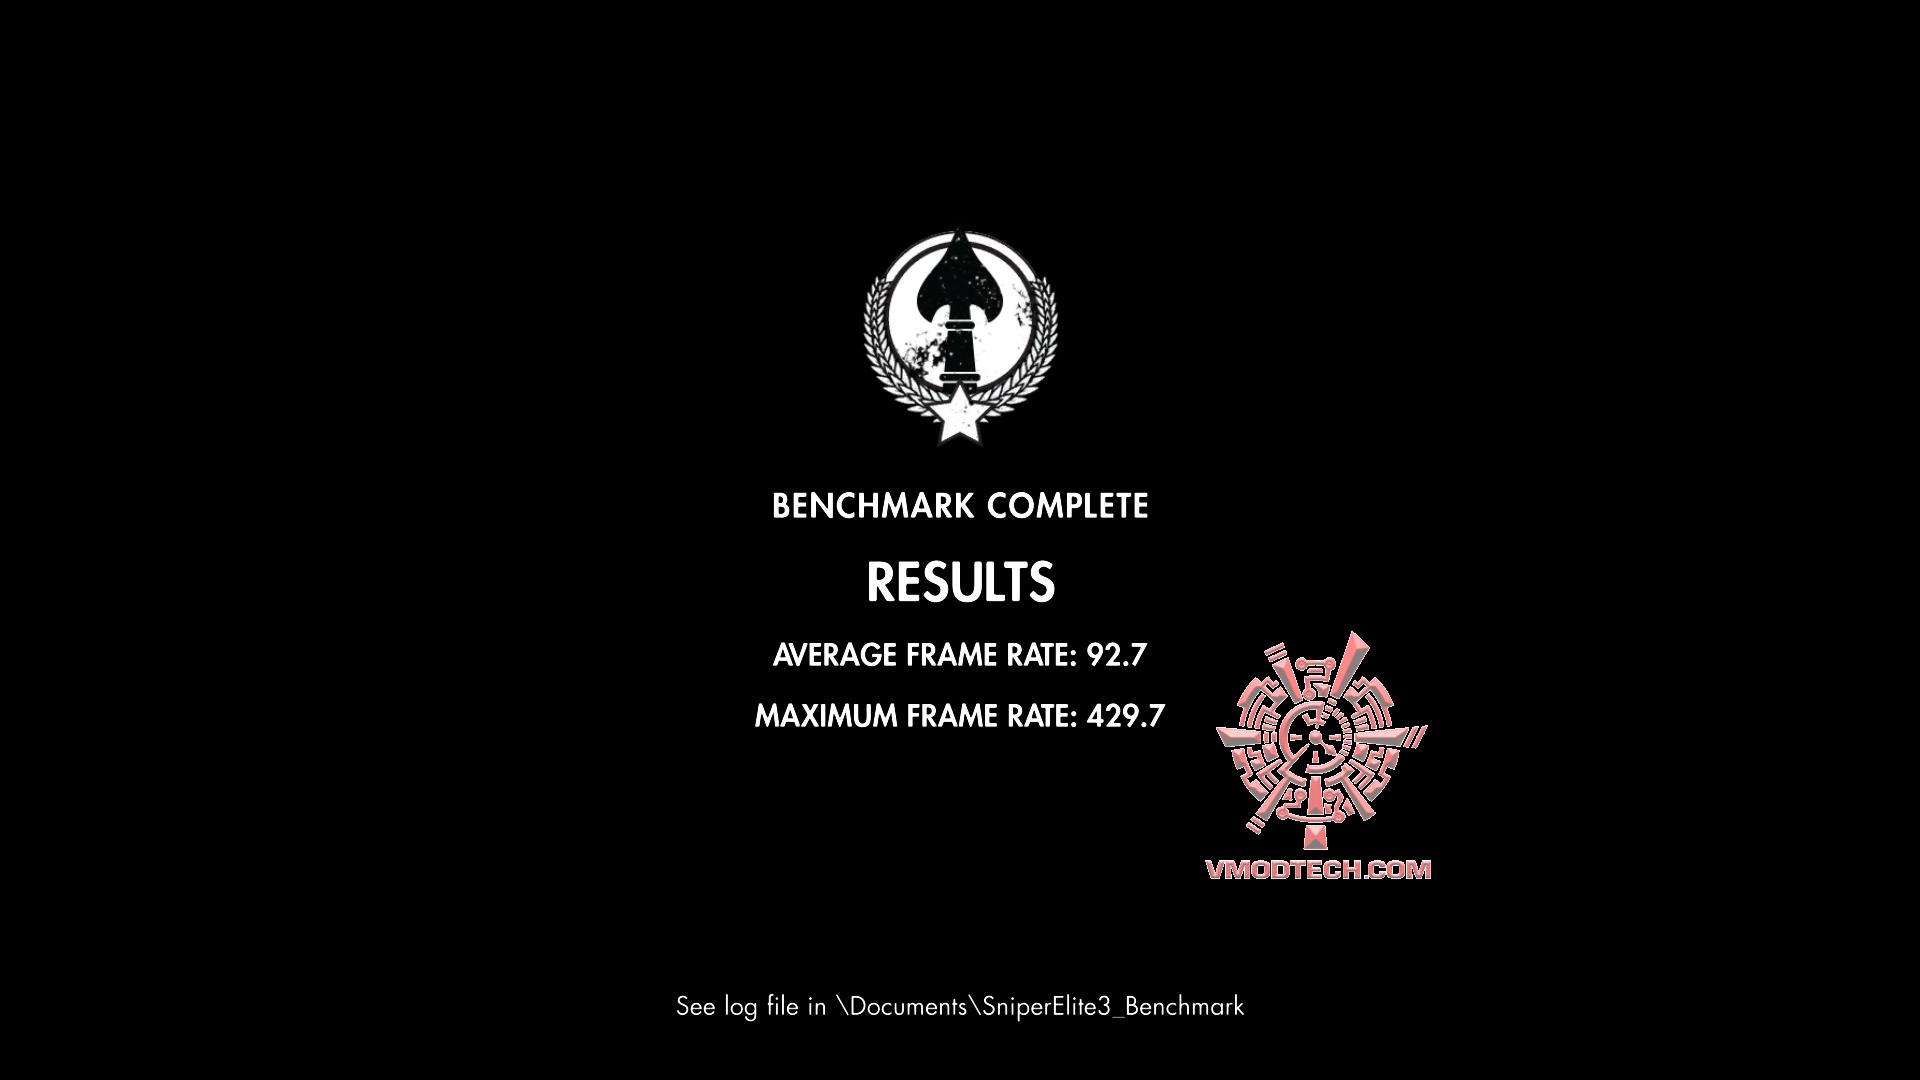 sniperelite3 2016 09 08 22 52 39 69 MSI GT73VR 6RF Titan Pro Review